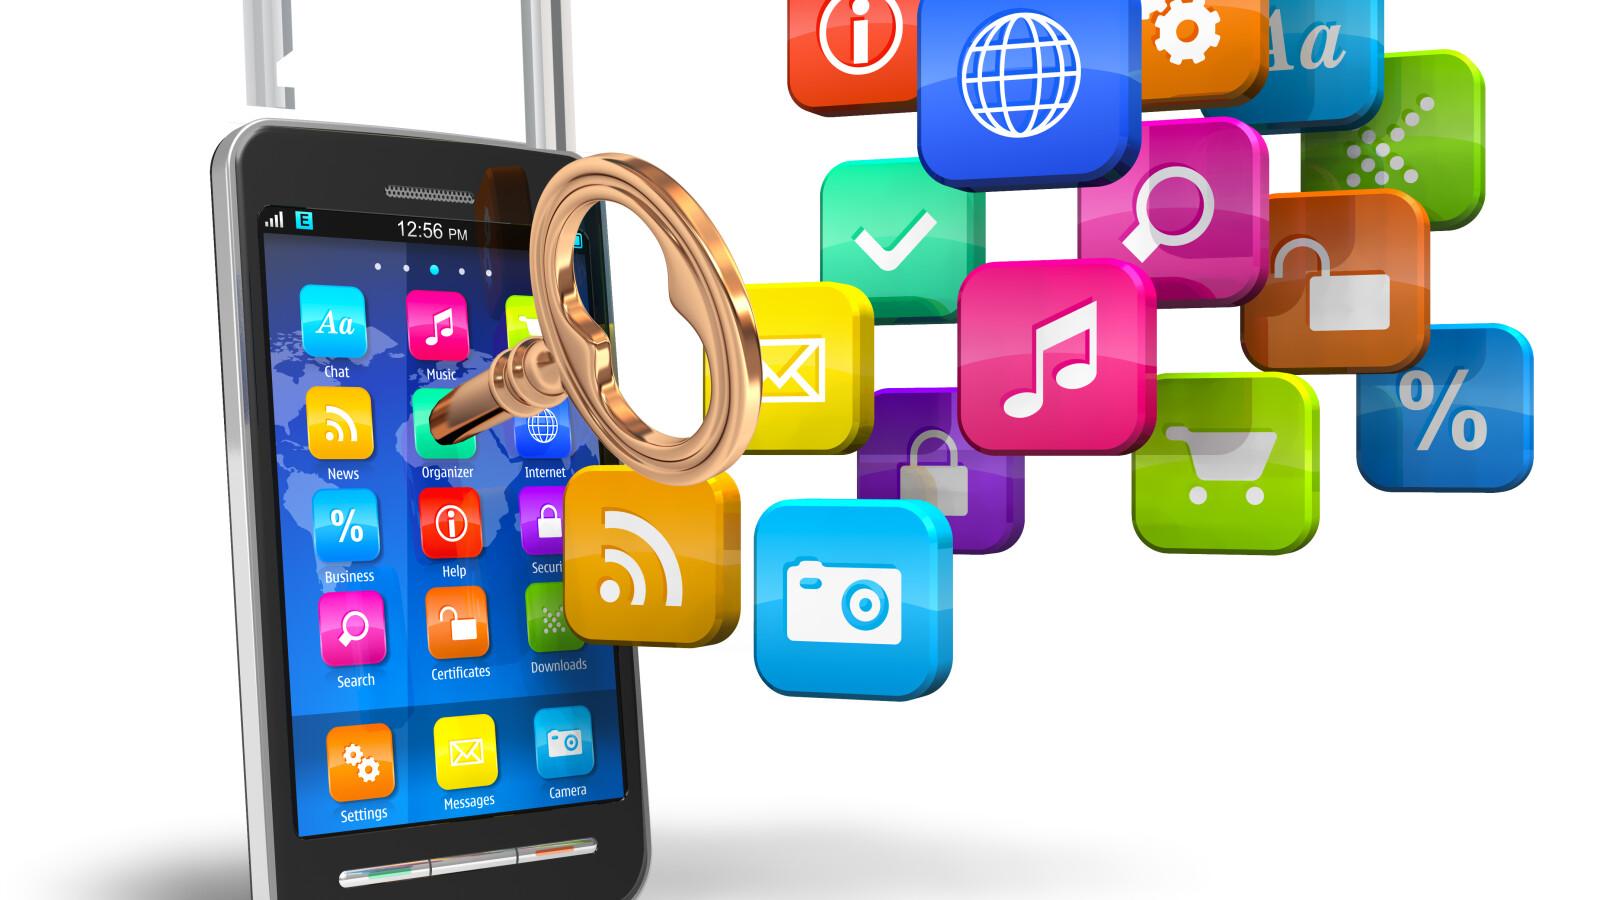 bezahlte apps auf neues handy